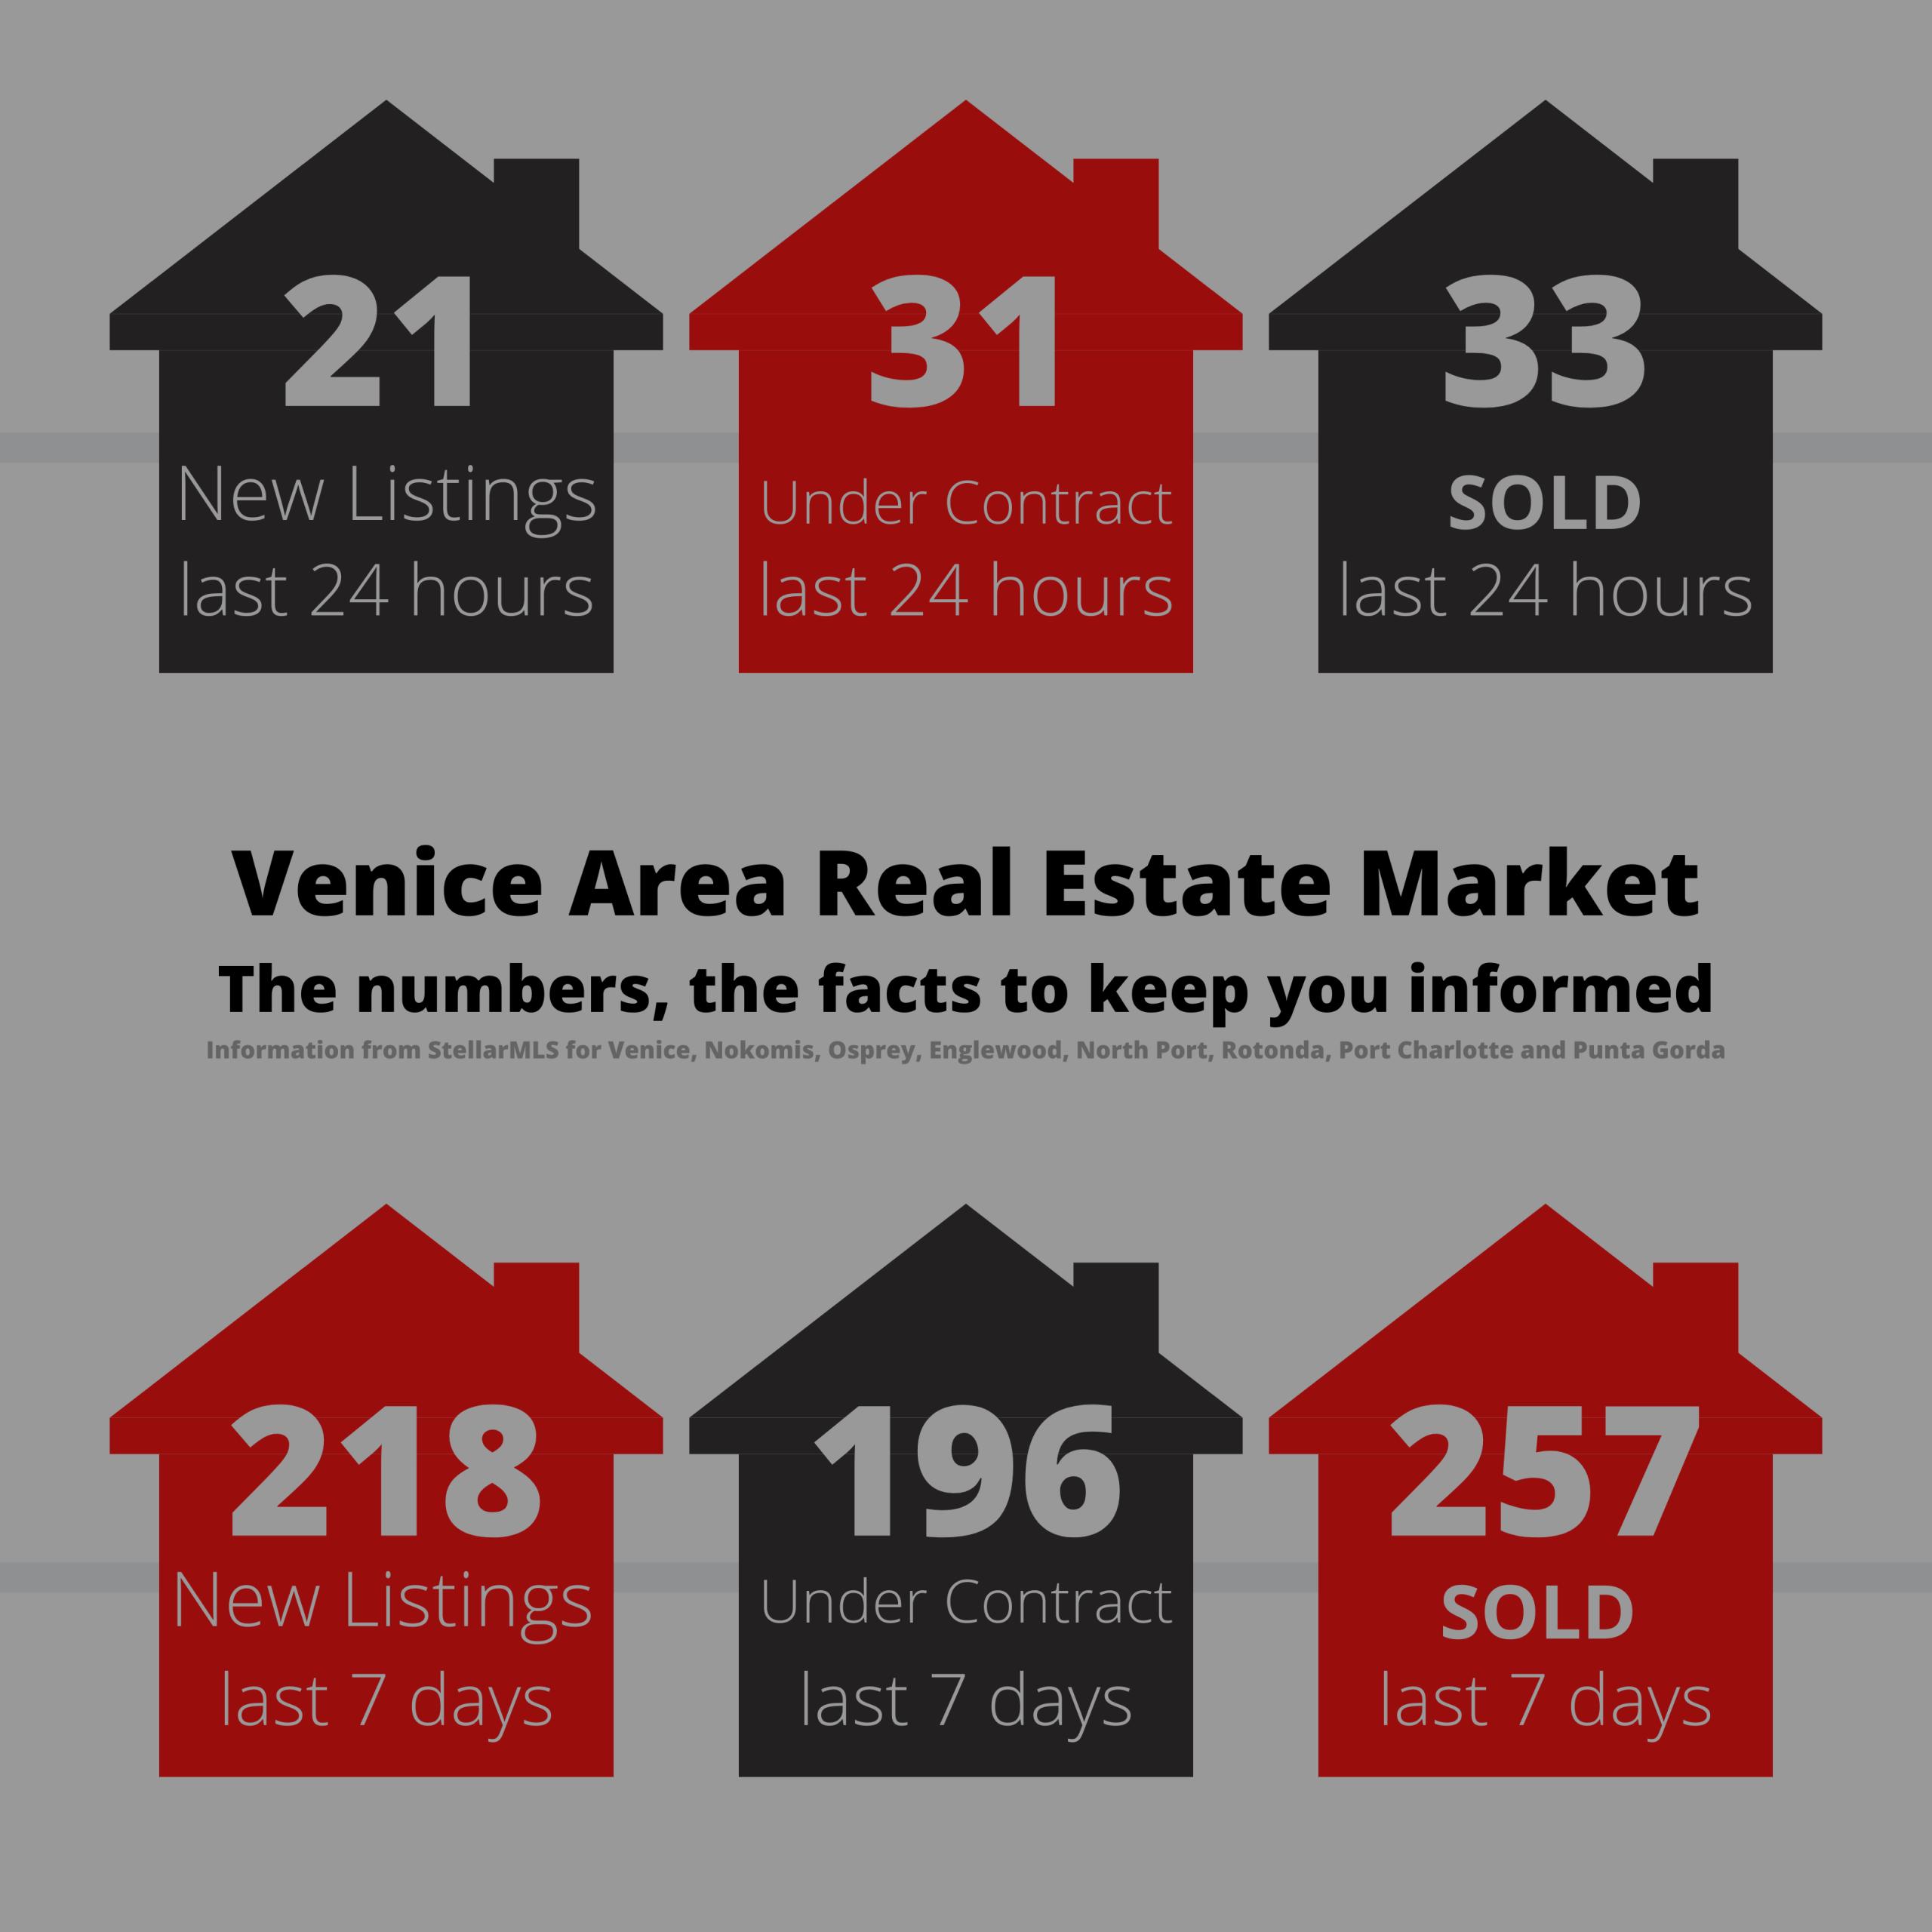 Venice Area Real Estate Market Update